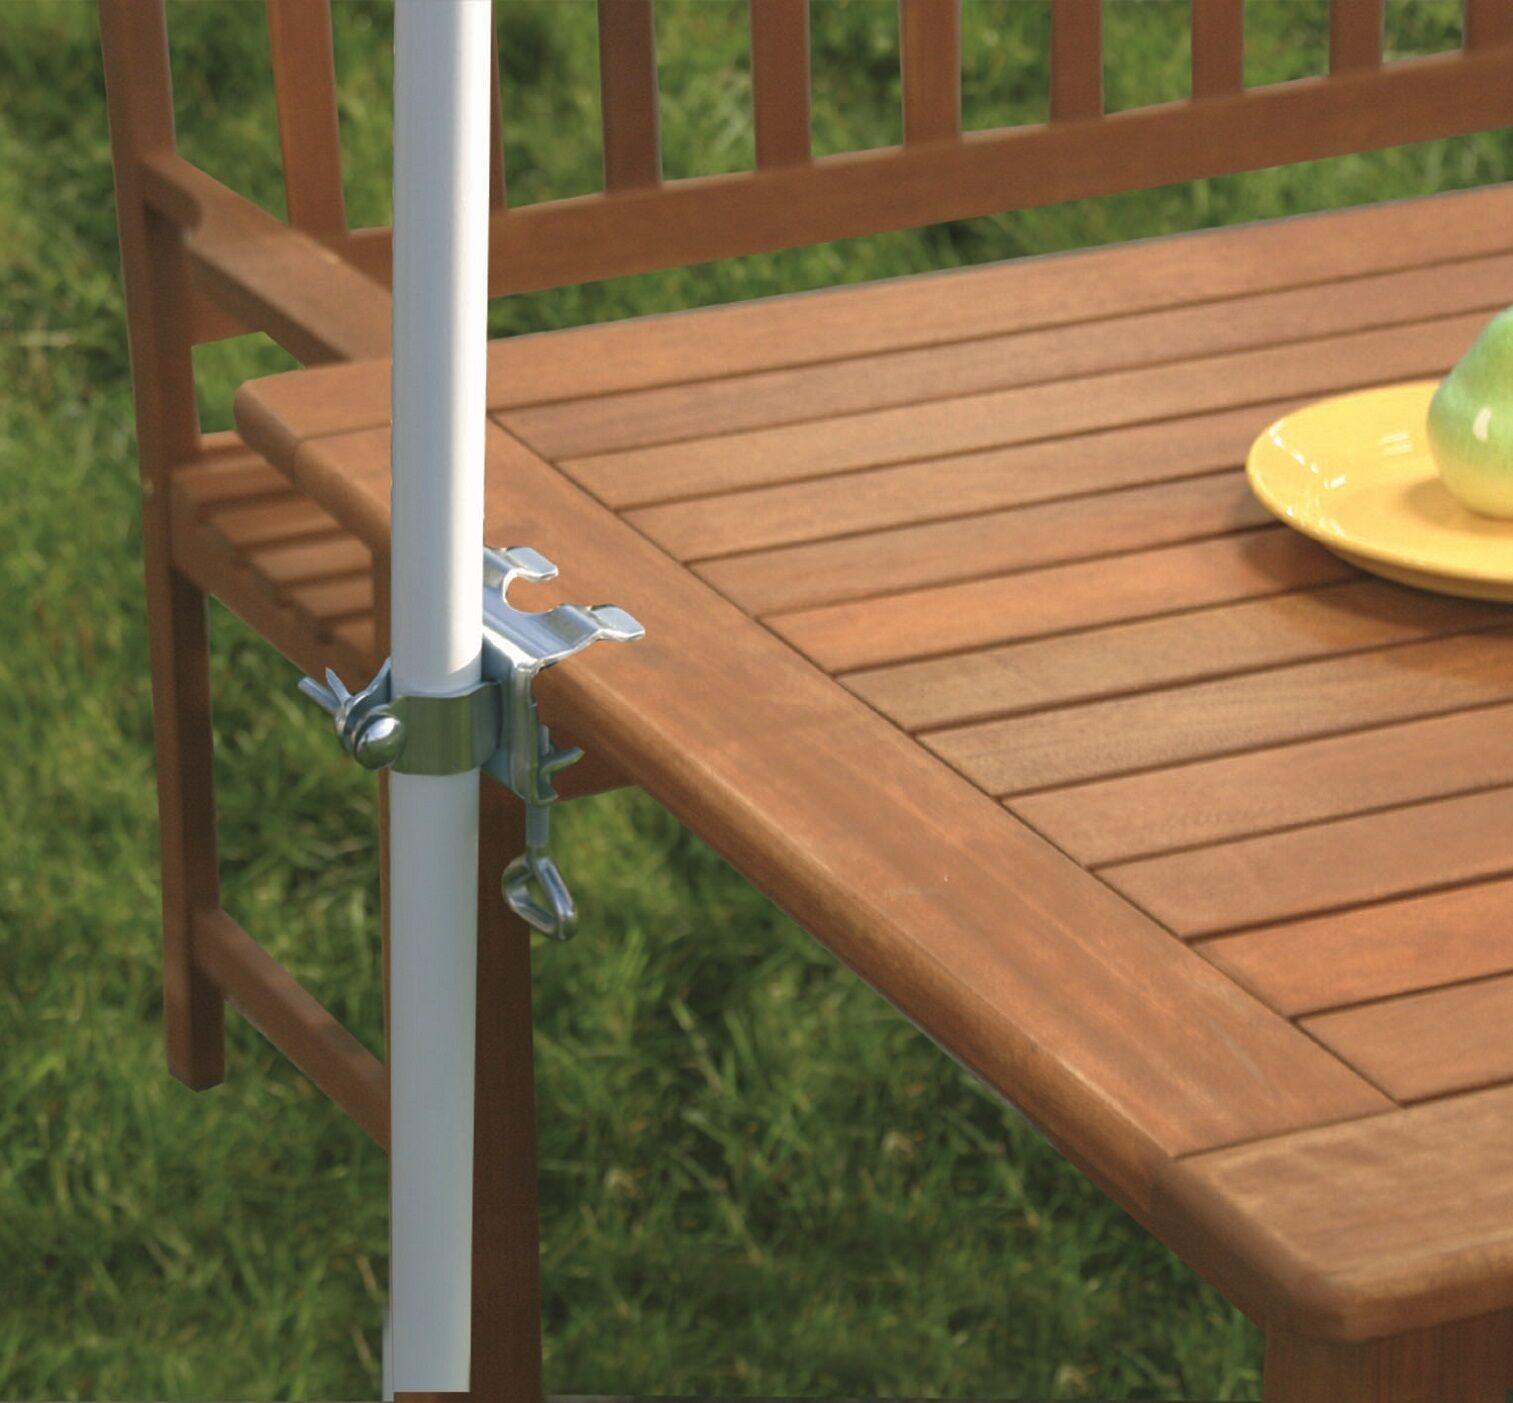 sonnenschirmhalter halterung sonnenschirm balkon. Black Bedroom Furniture Sets. Home Design Ideas